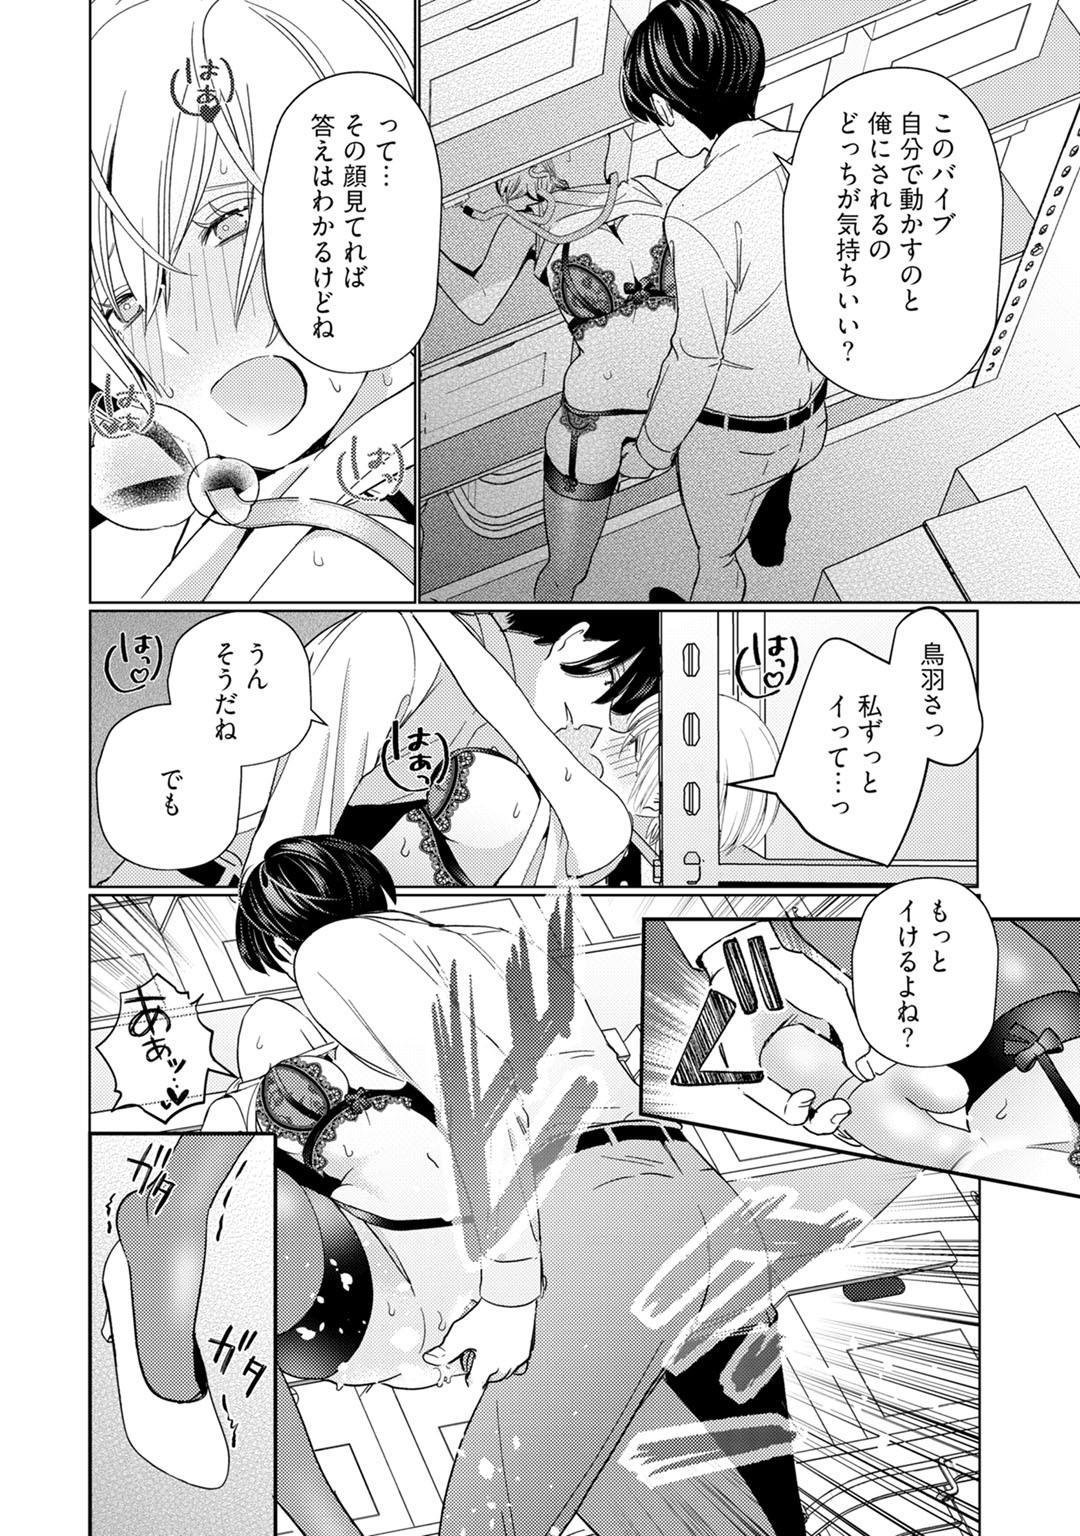 [Okonogi Happa] Kyonyuu-chan to Kyokon Joushi -Kaisha de Musabori Sex- act. 2 31